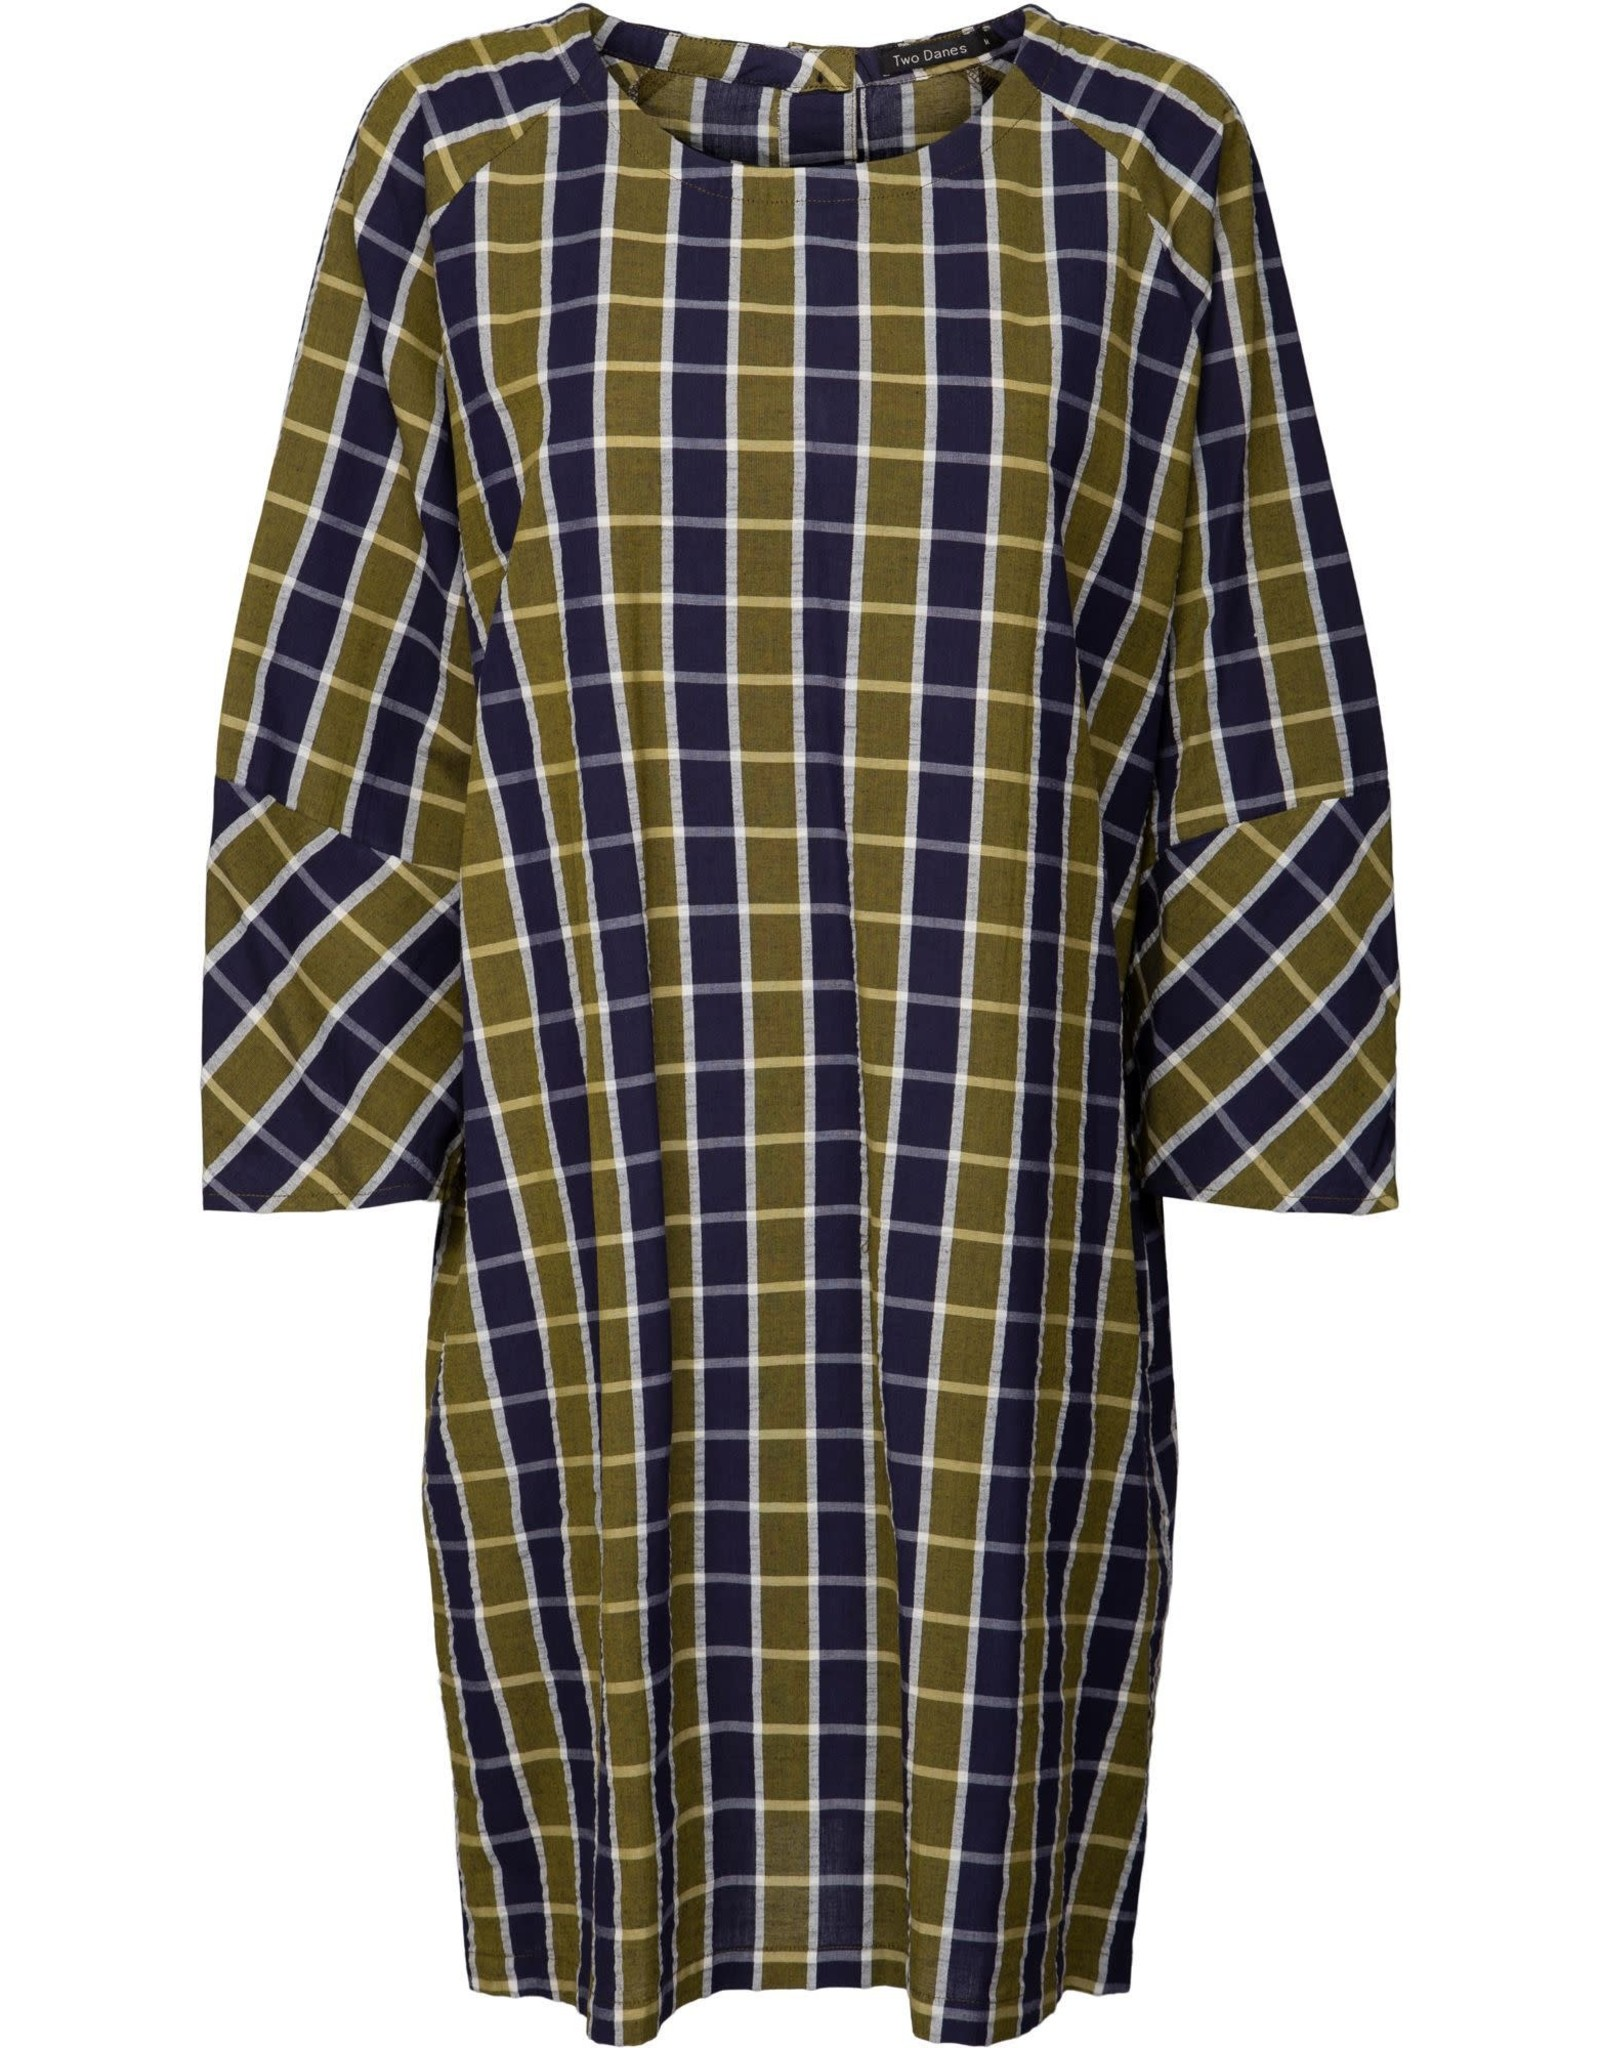 TWO DANES 43586 ellyn dress